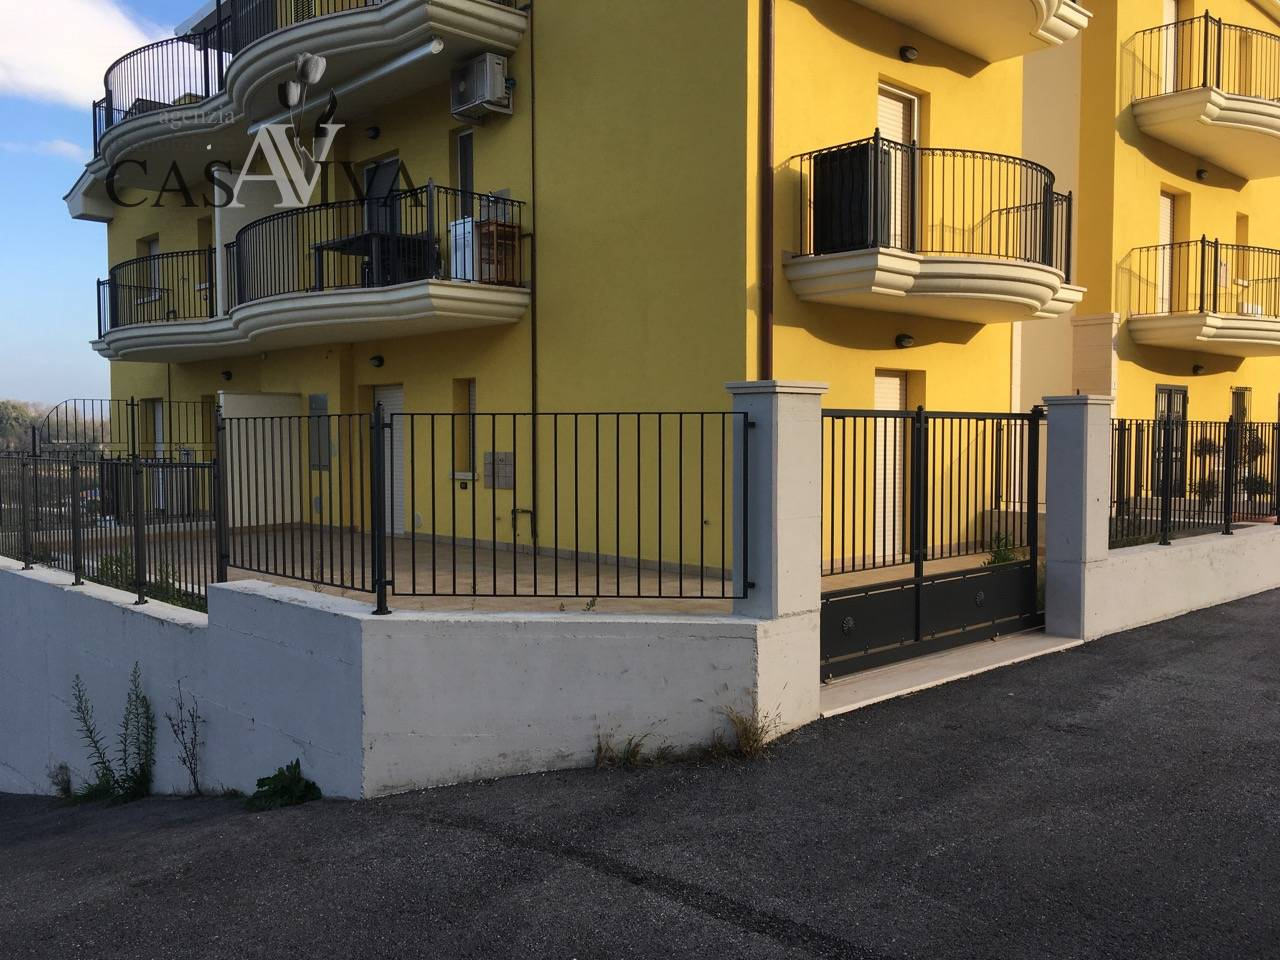 Appartamento in vendita a Acquaviva Picena, 2 locali, zona Località: Residenziale, prezzo € 105.000   PortaleAgenzieImmobiliari.it